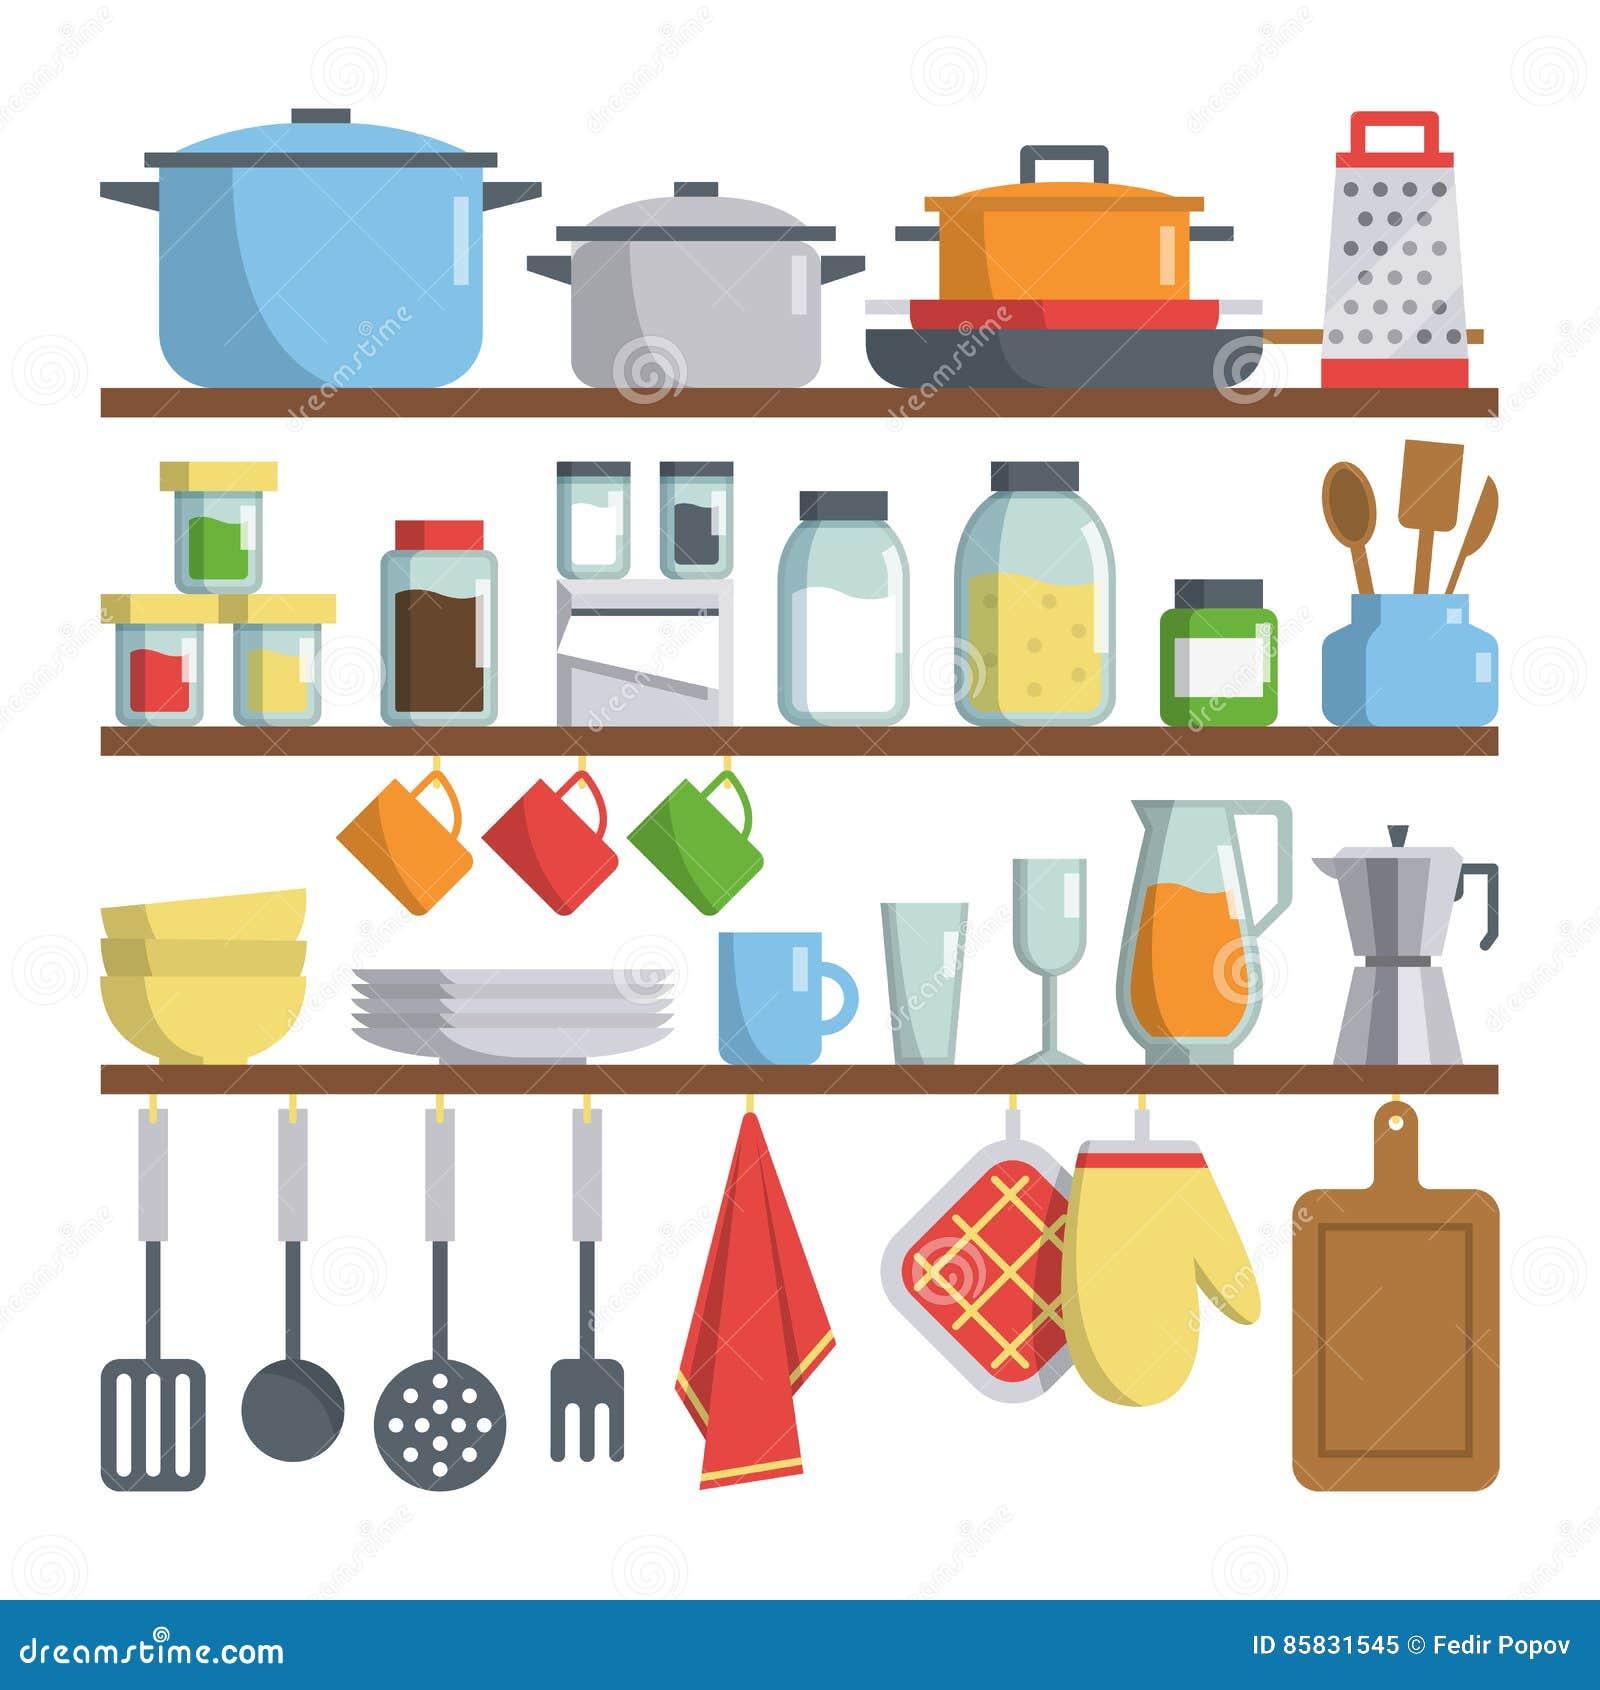 Kitchen Equipments On Shelf Illustration Cartoon Vector